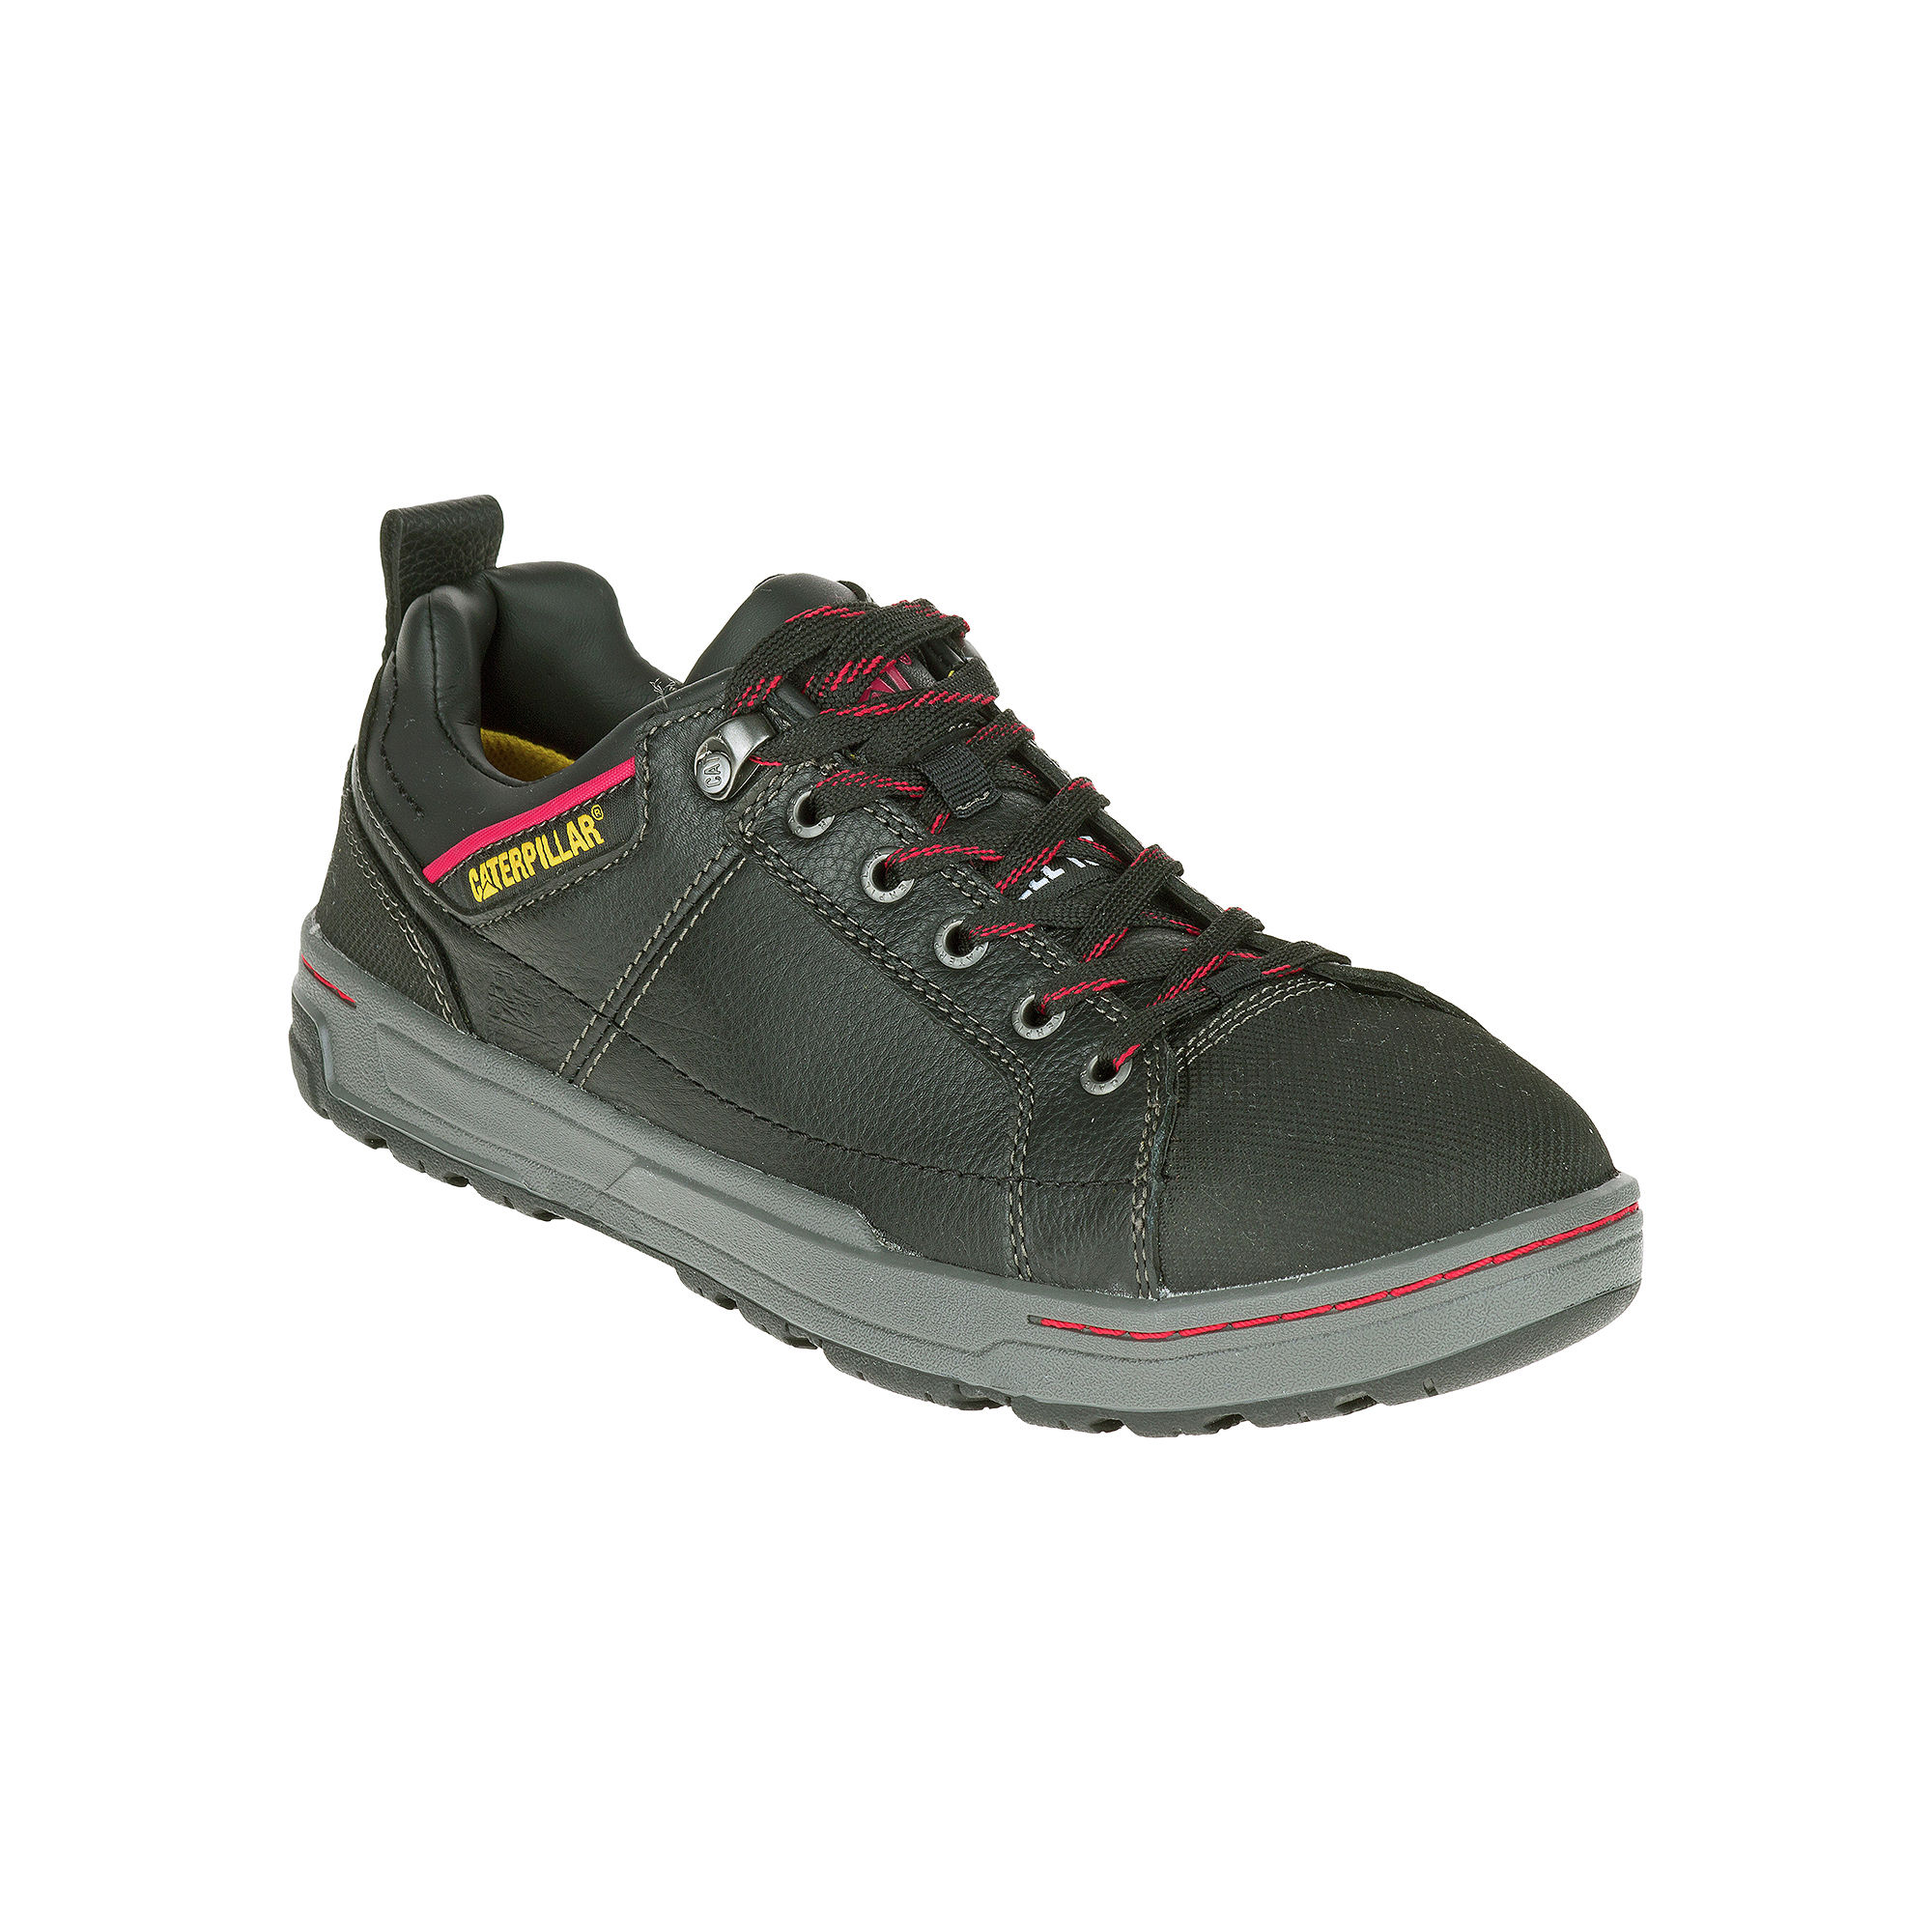 CAT Brode EH Mens Steel-Toe Slip-Resistant Leather Sneakers